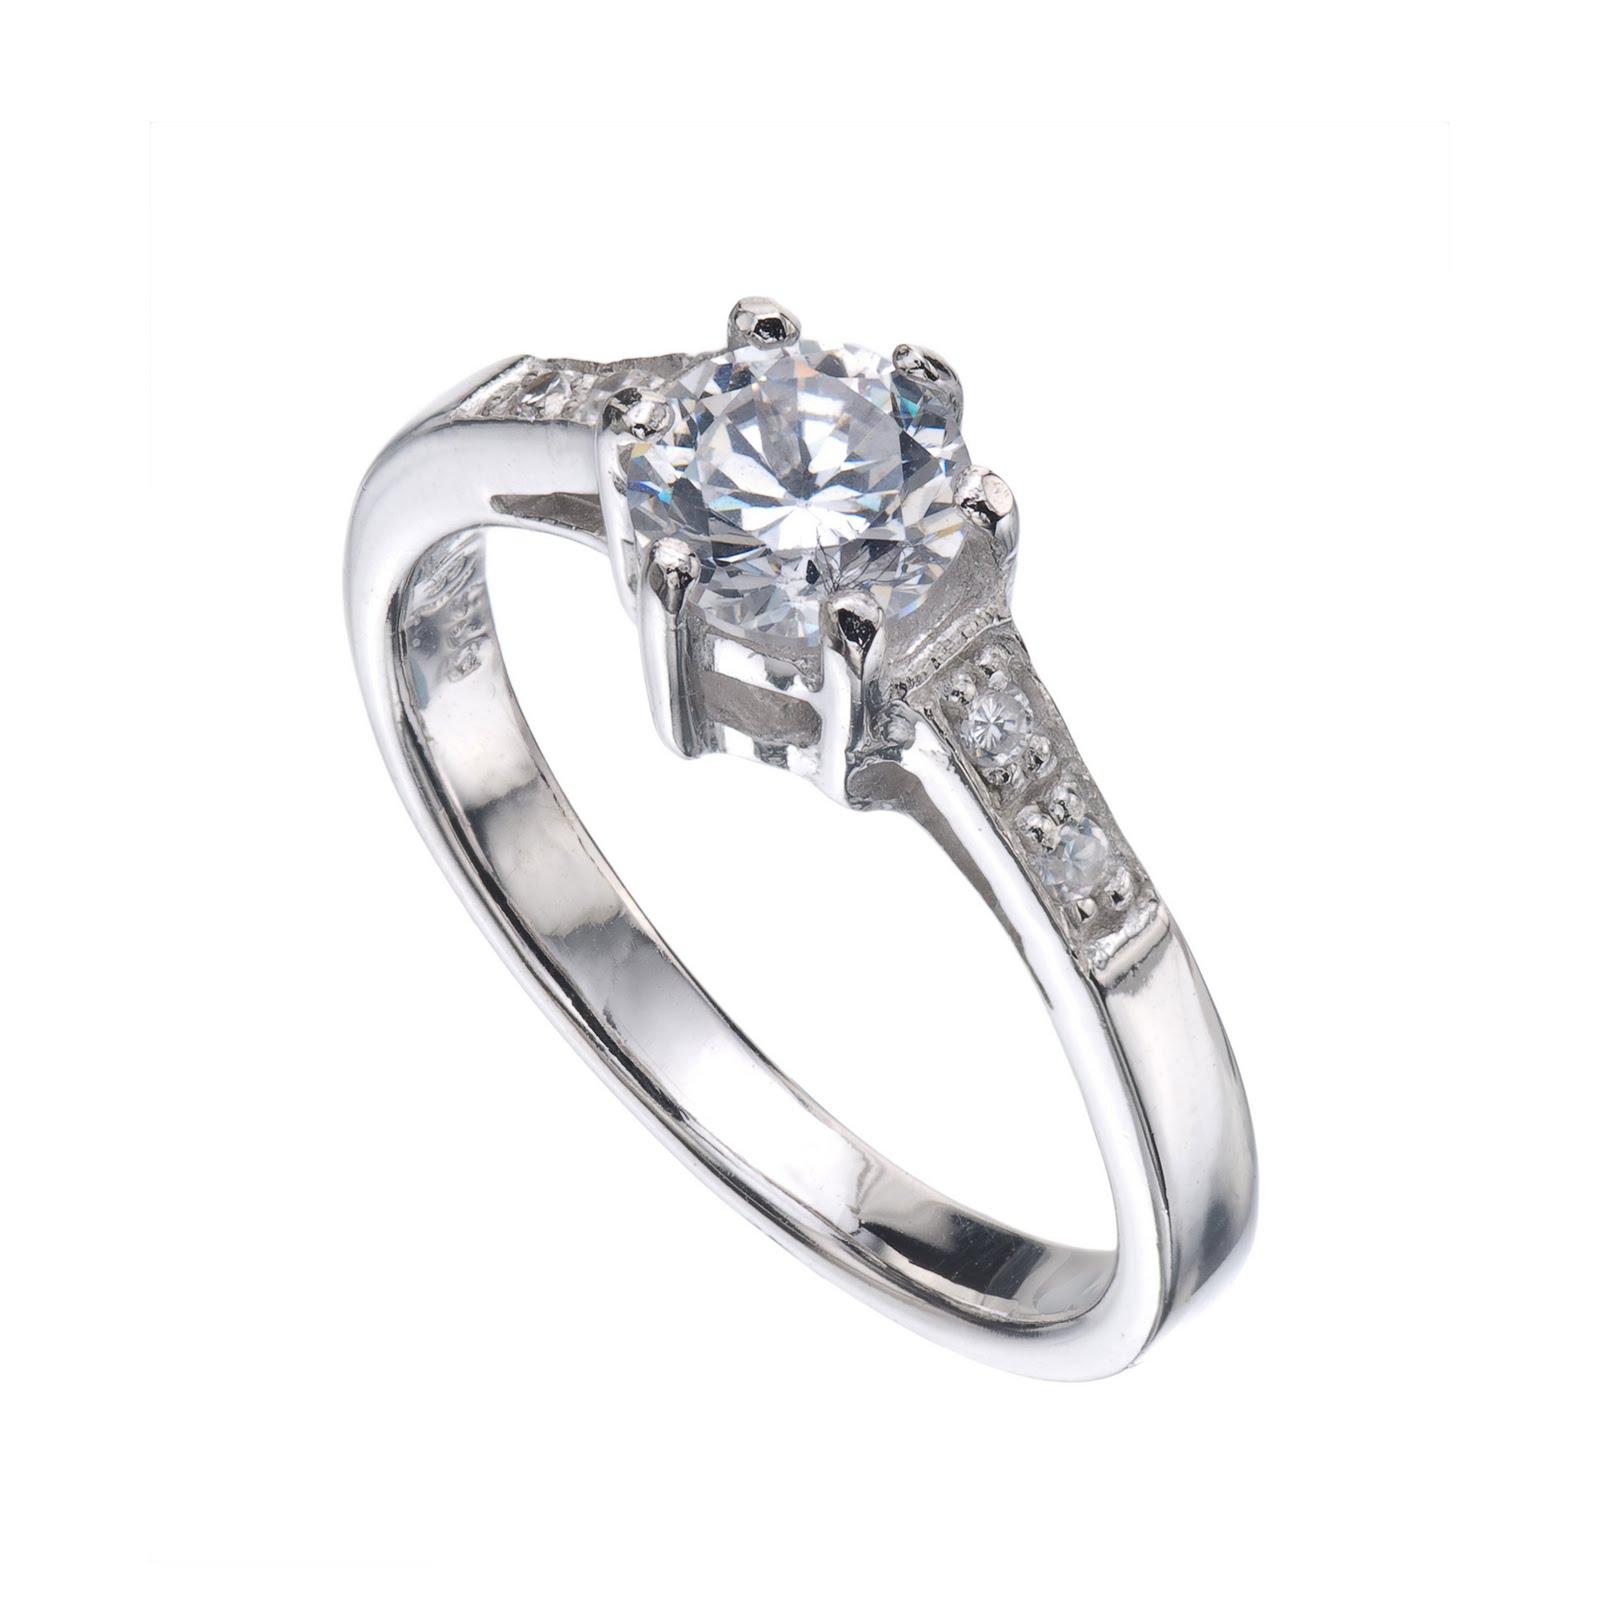 Silver Jewellery UK: Silver Jewellery